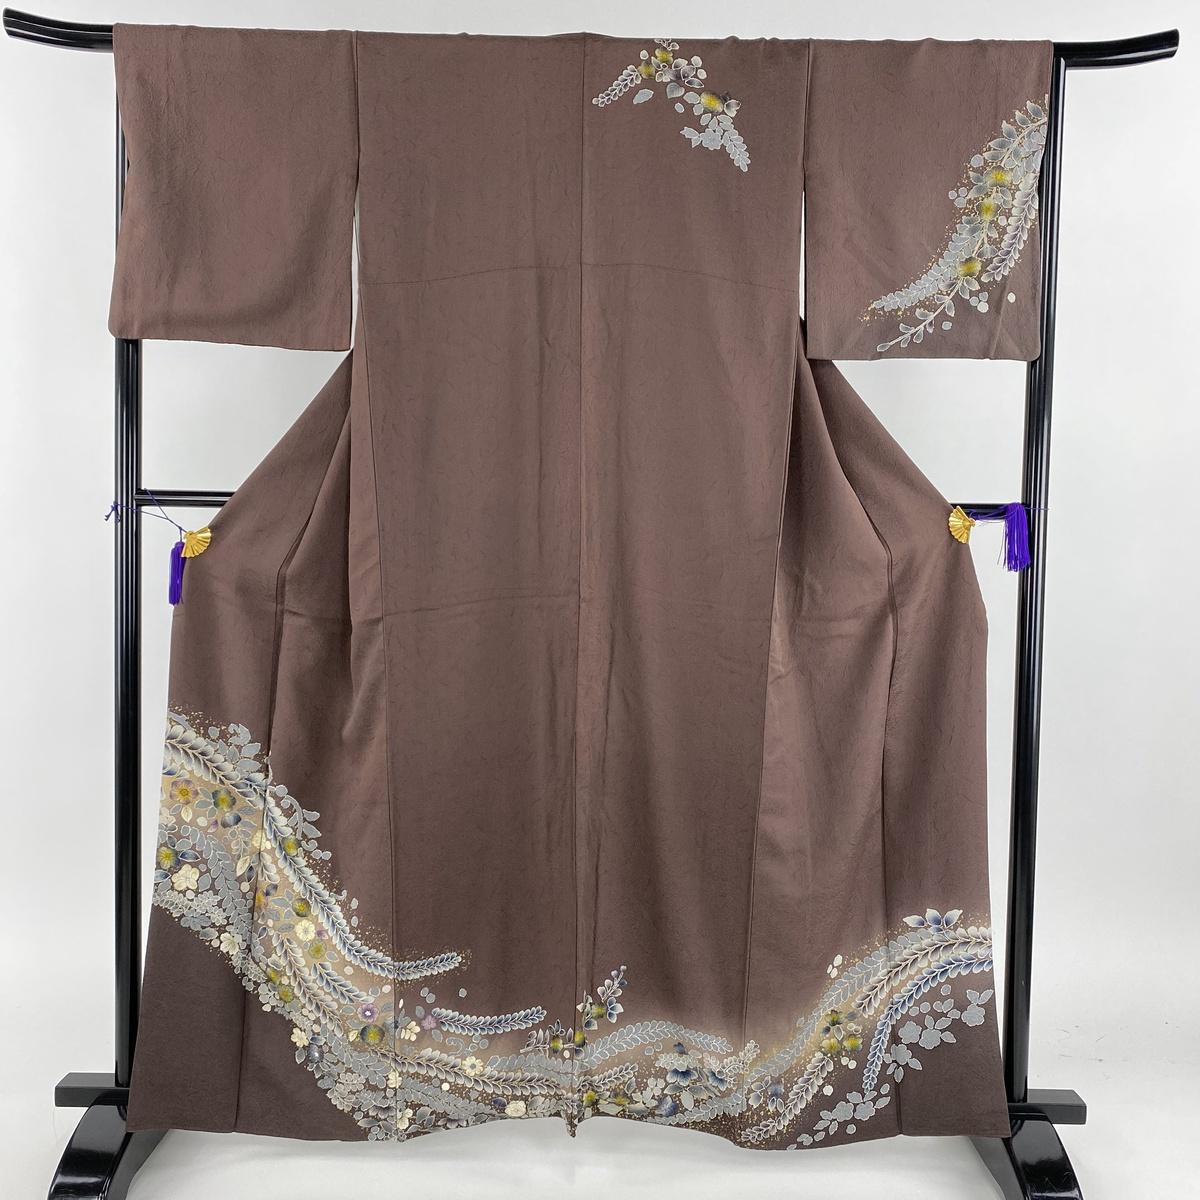 訪問着 名品 辻が花柄 ぼかし 金彩 小豆色 袷 身丈160cm 裄丈65.5cm M 正絹 【中古】